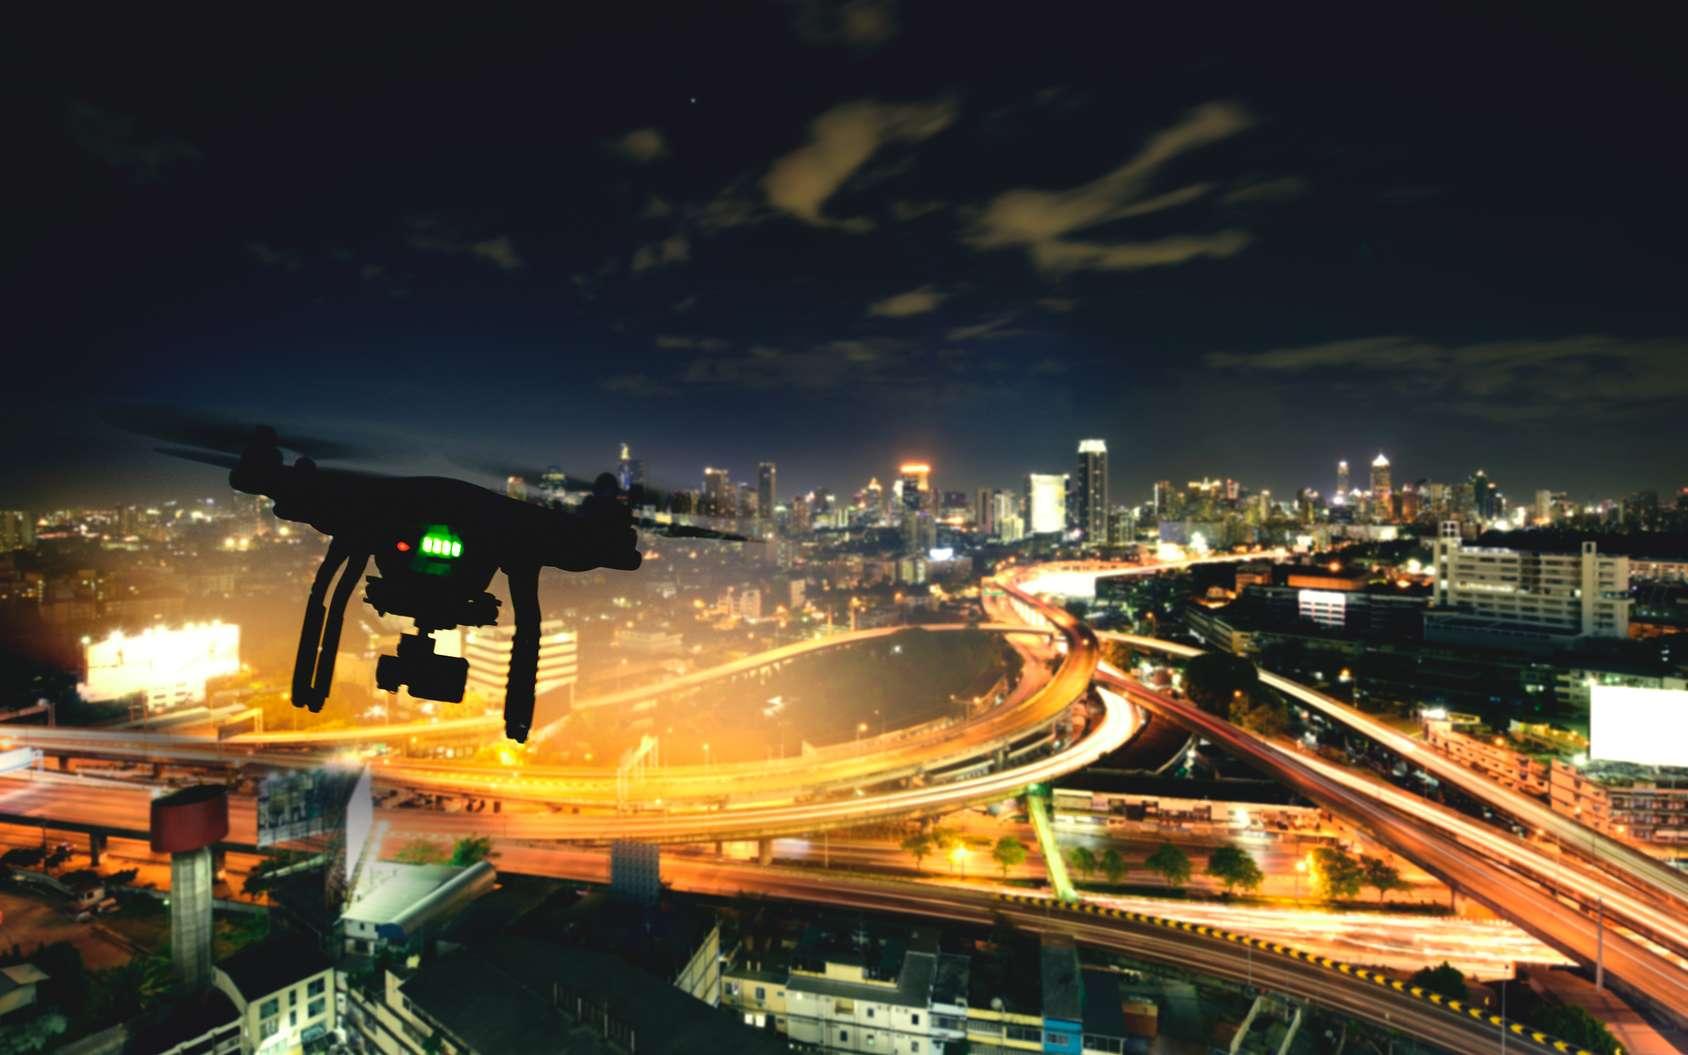 Drones et robots se sont unis pour créer un pavillon digne de la science-fiction ! © Thongsuk, Fotolia